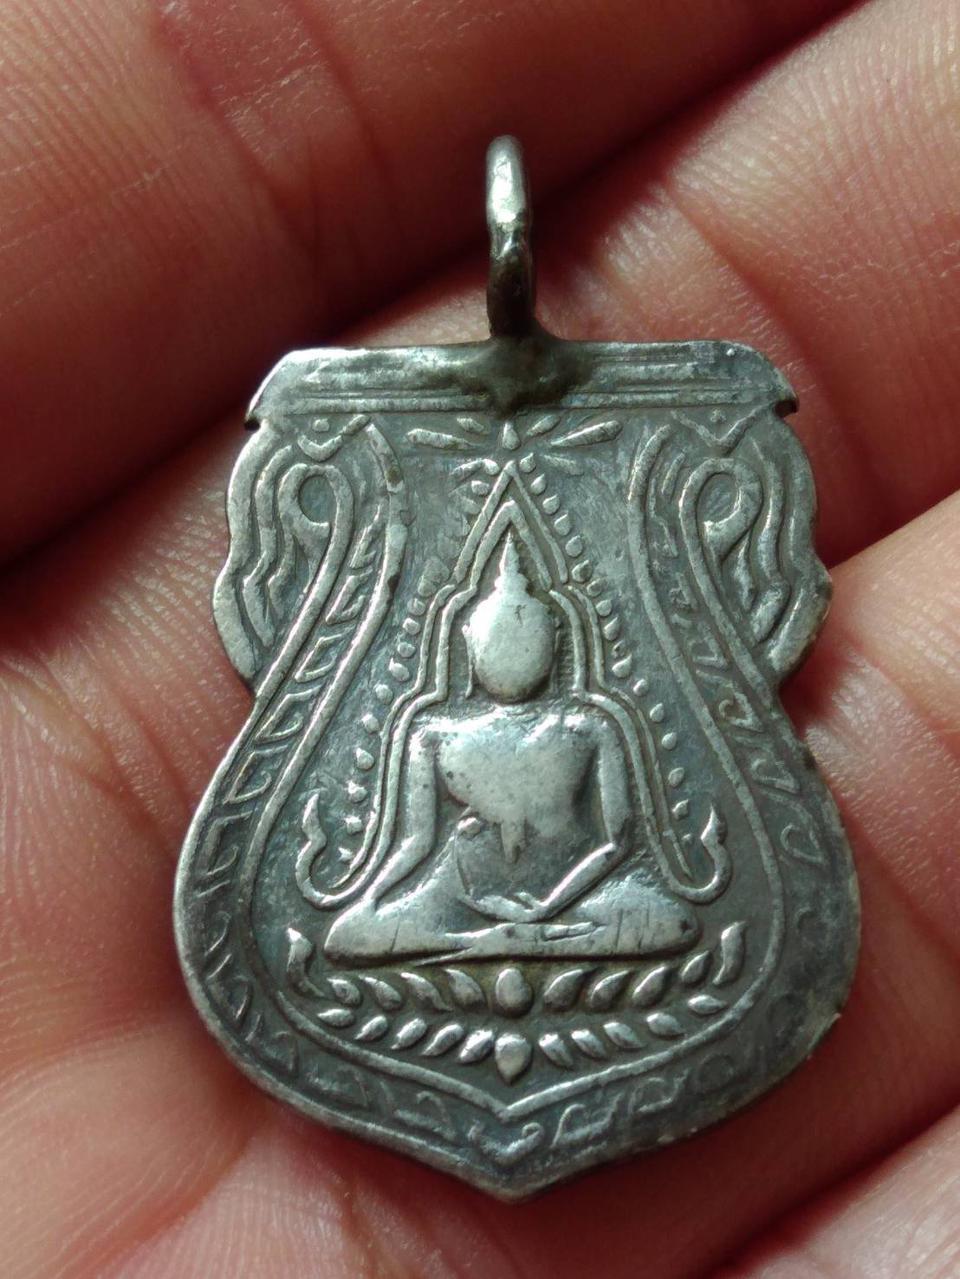 เปิดคับ เหรียญพระพุทธชินราช ปี2473 เนื้อเงิน รูปที่ 2